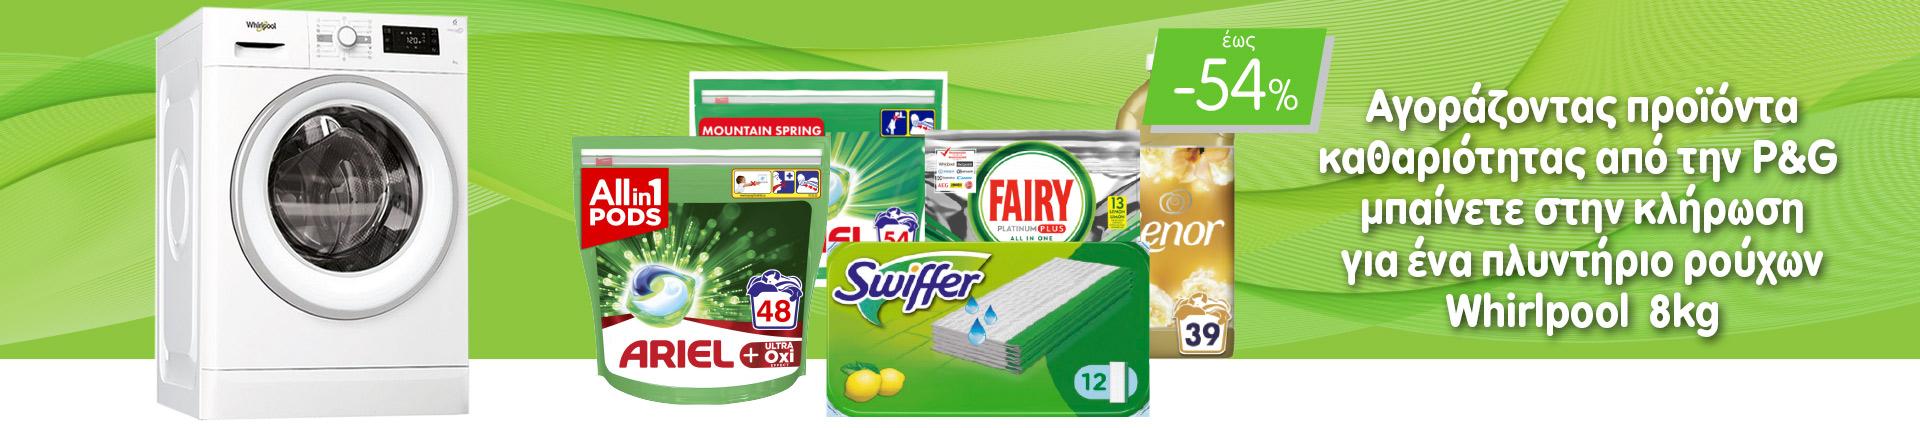 Aγοράζοντας απορρυπαντικά Ariel, Lenor, Fairy, Viakal & Swiffer μπαίνετε στην κλήρωση για ένα πλυντήριο Whirlpool 8kg